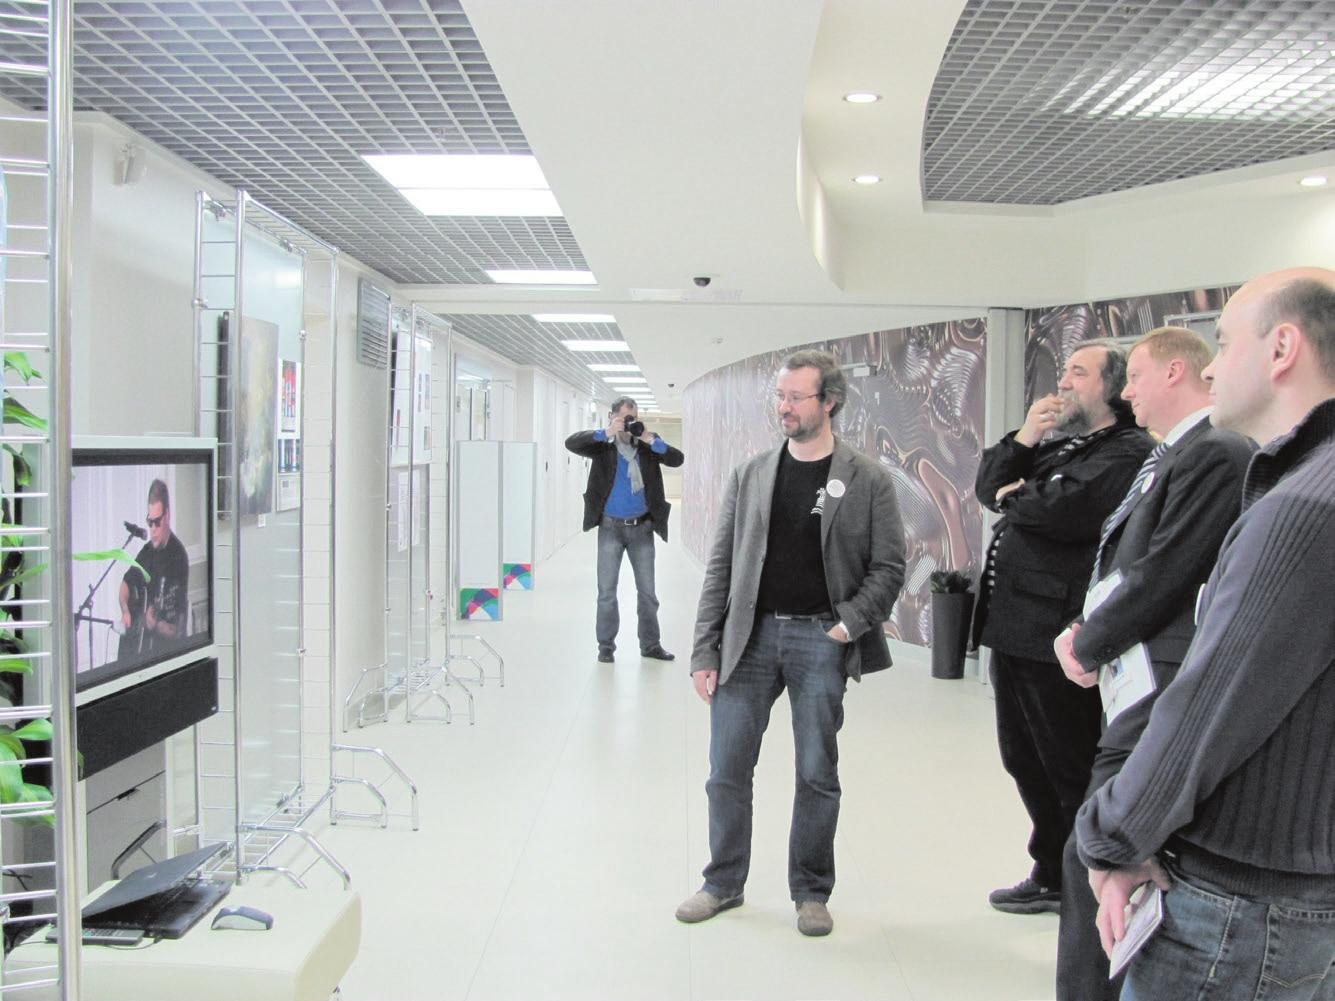 Анатолий Чубайс смотрит запись концерта БГ в поддержку выставки «Митьки и нанотехнологии». Апрель 2011 года. Фото А. Люлиной